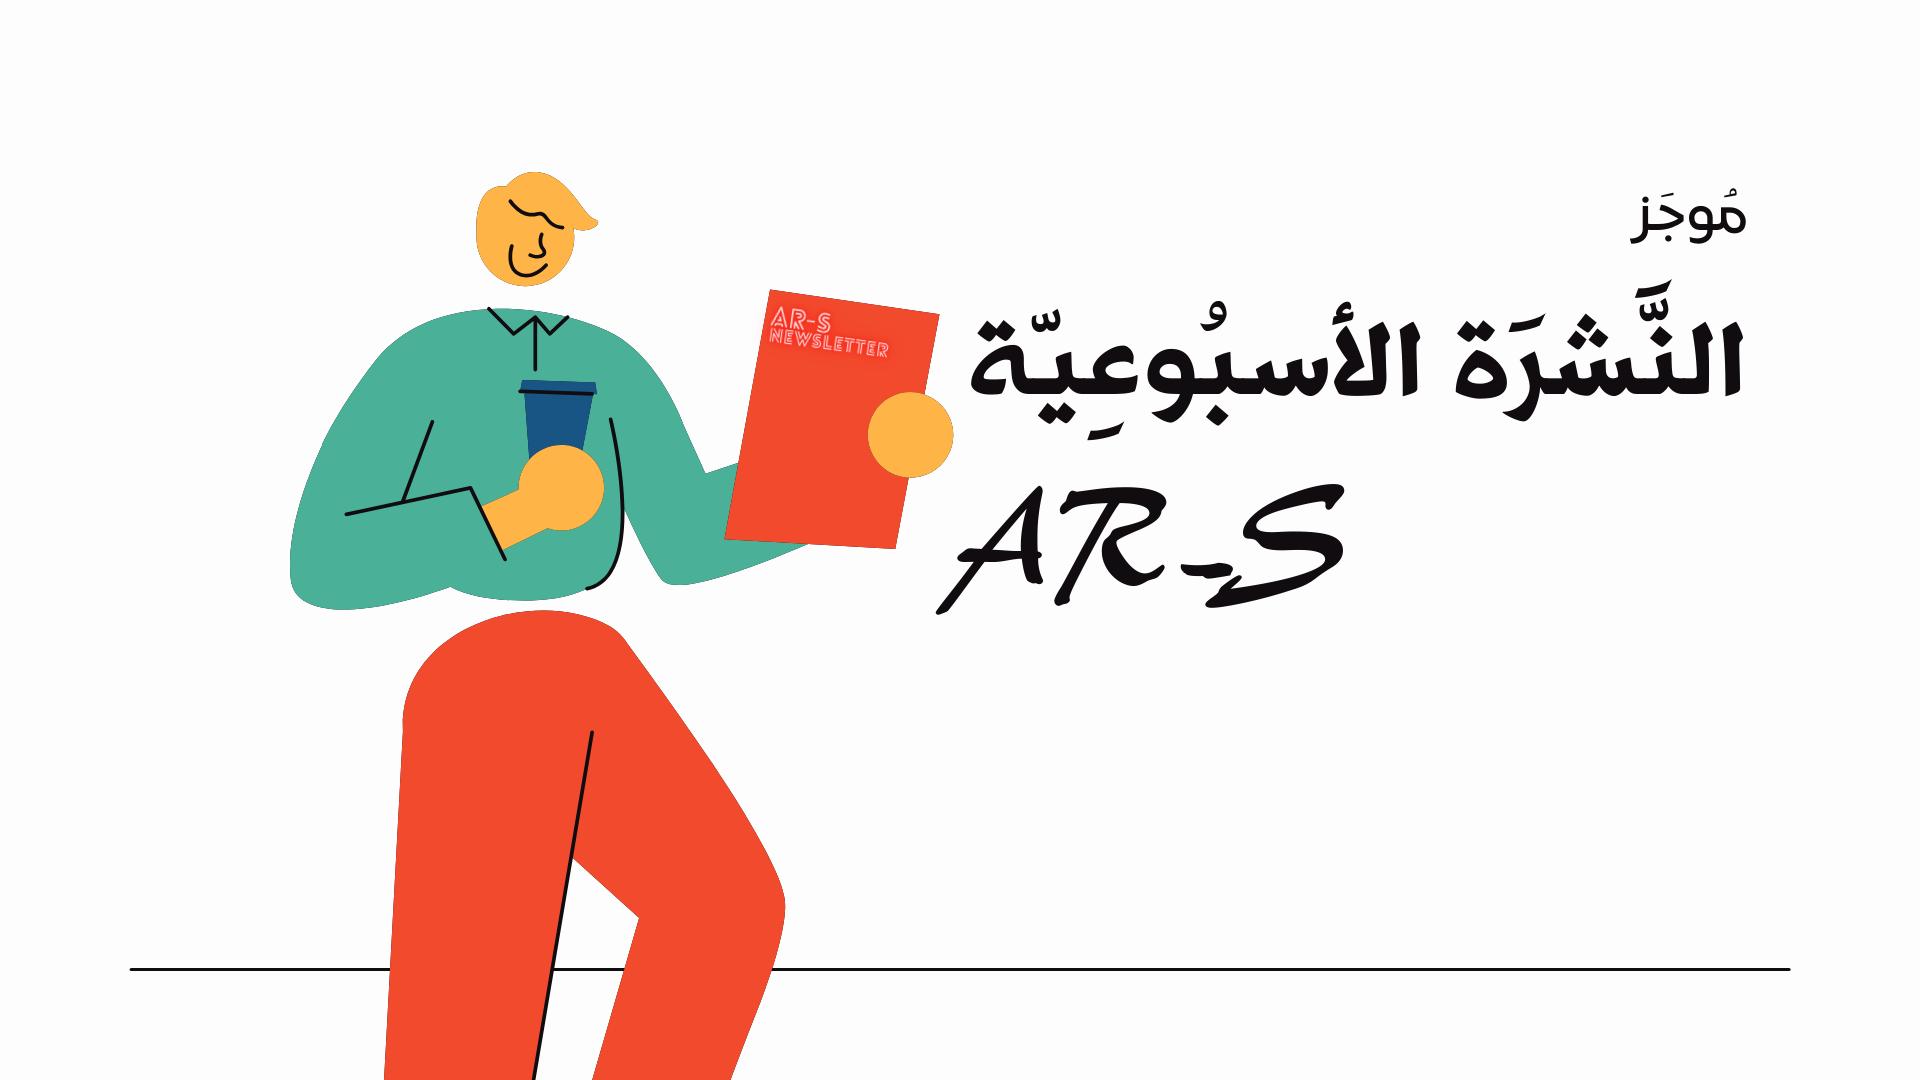 شخص يقرأ موجز النشرة الأسبوعية الإخبارية AR-S